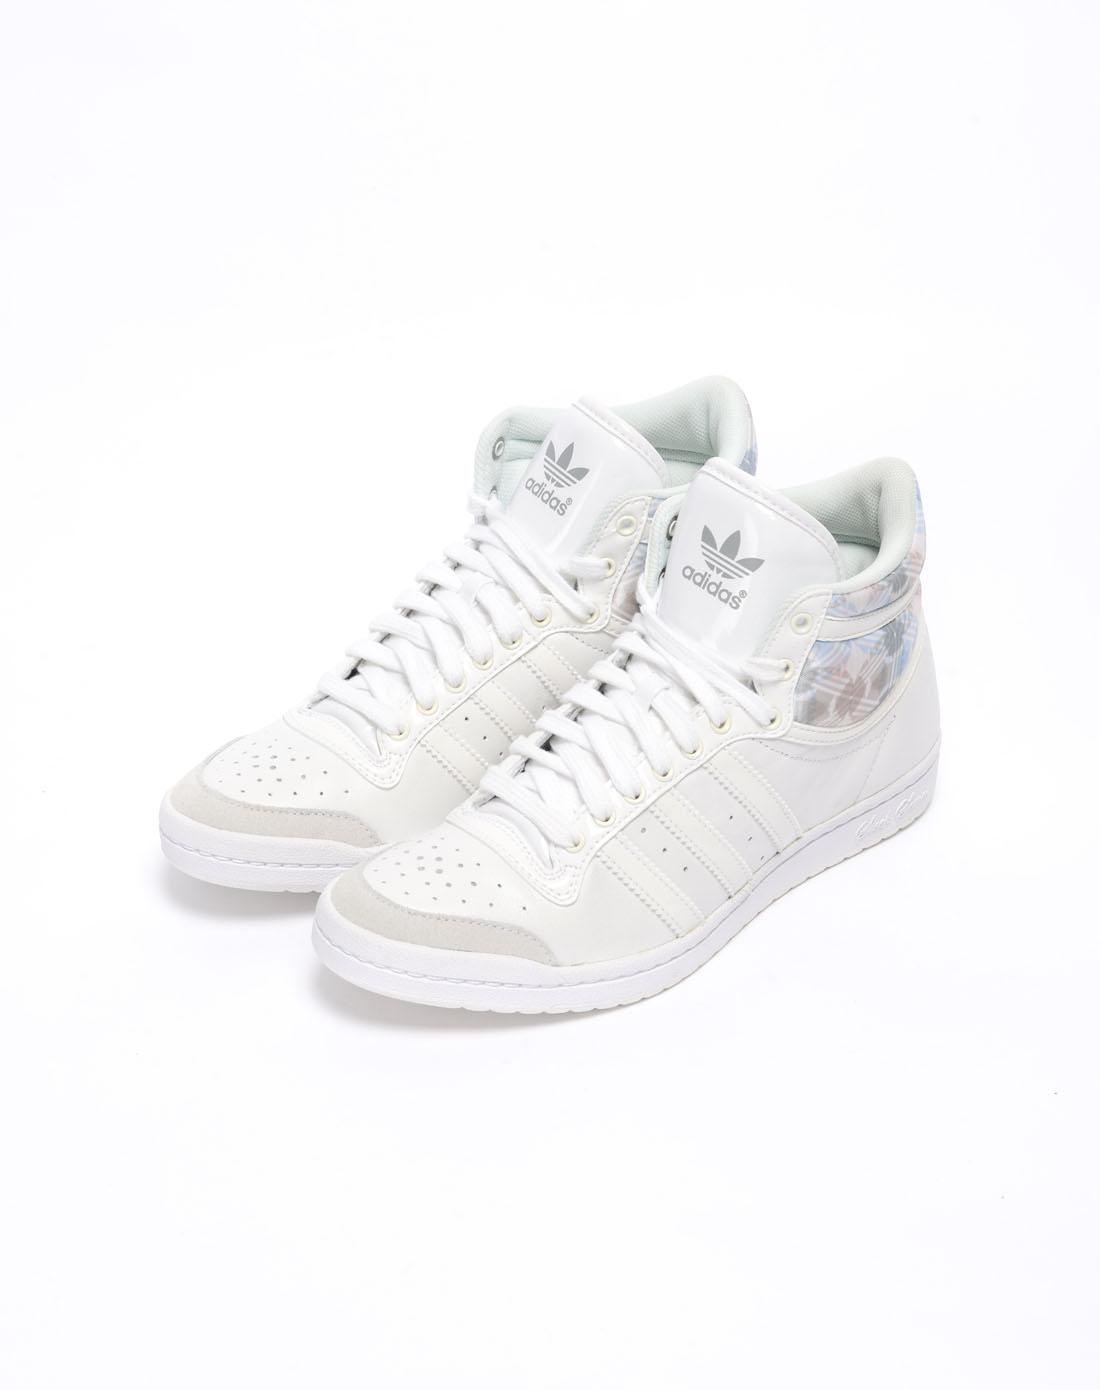 阿迪达斯adidas三叶草女士专场-女子白色复古鞋